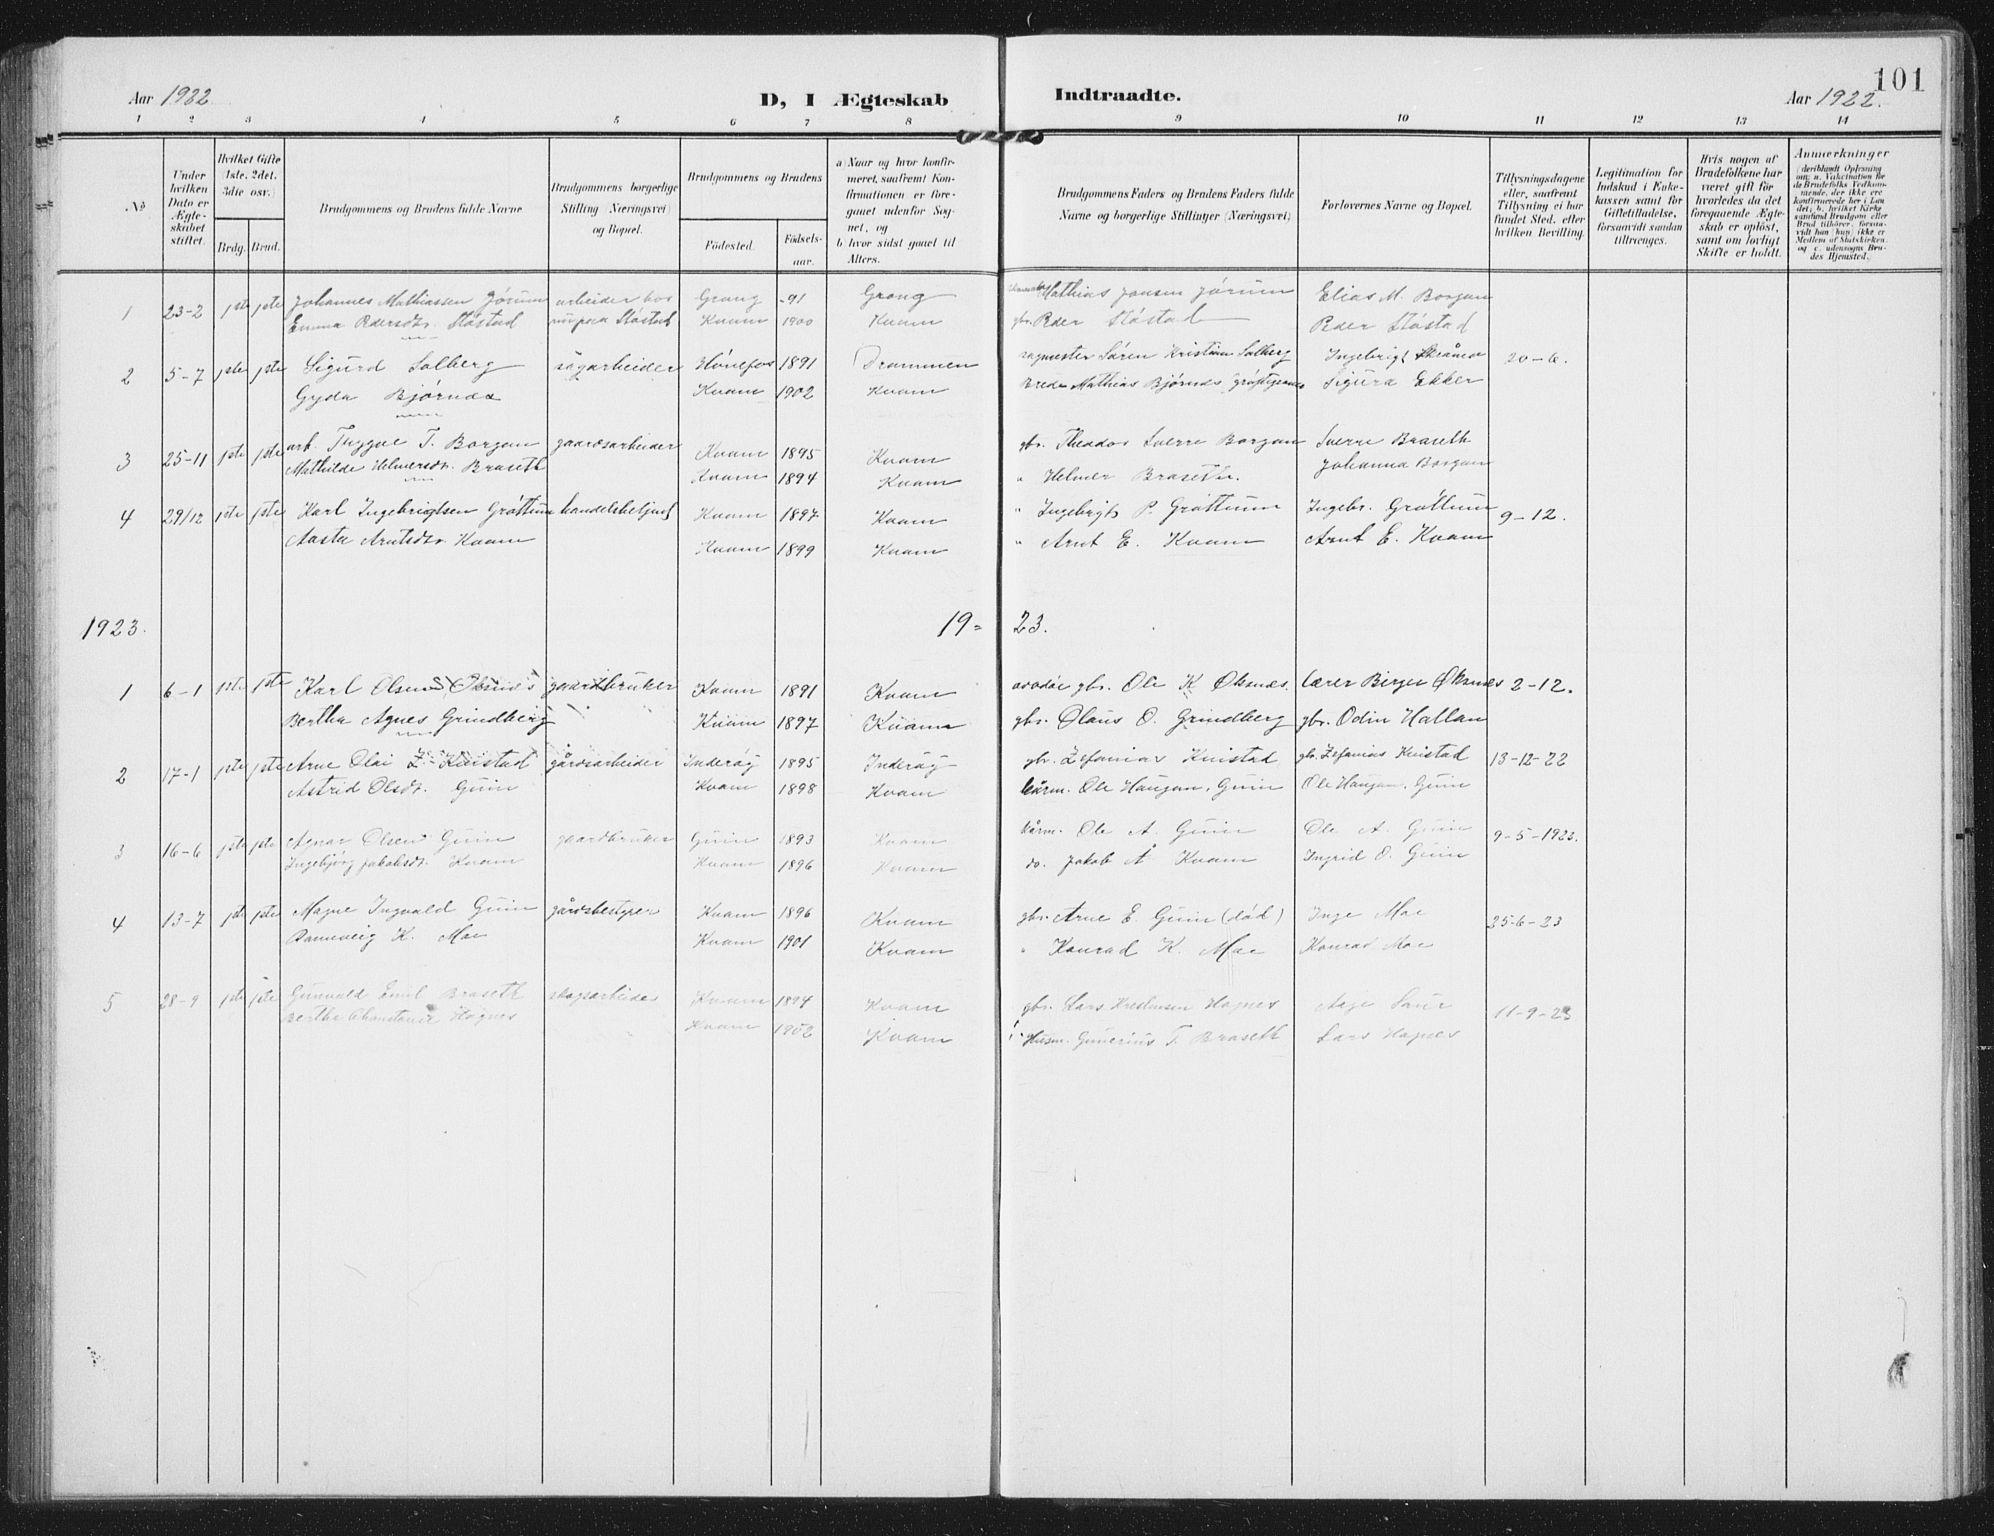 SAT, Ministerialprotokoller, klokkerbøker og fødselsregistre - Nord-Trøndelag, 747/L0460: Klokkerbok nr. 747C02, 1908-1939, s. 101